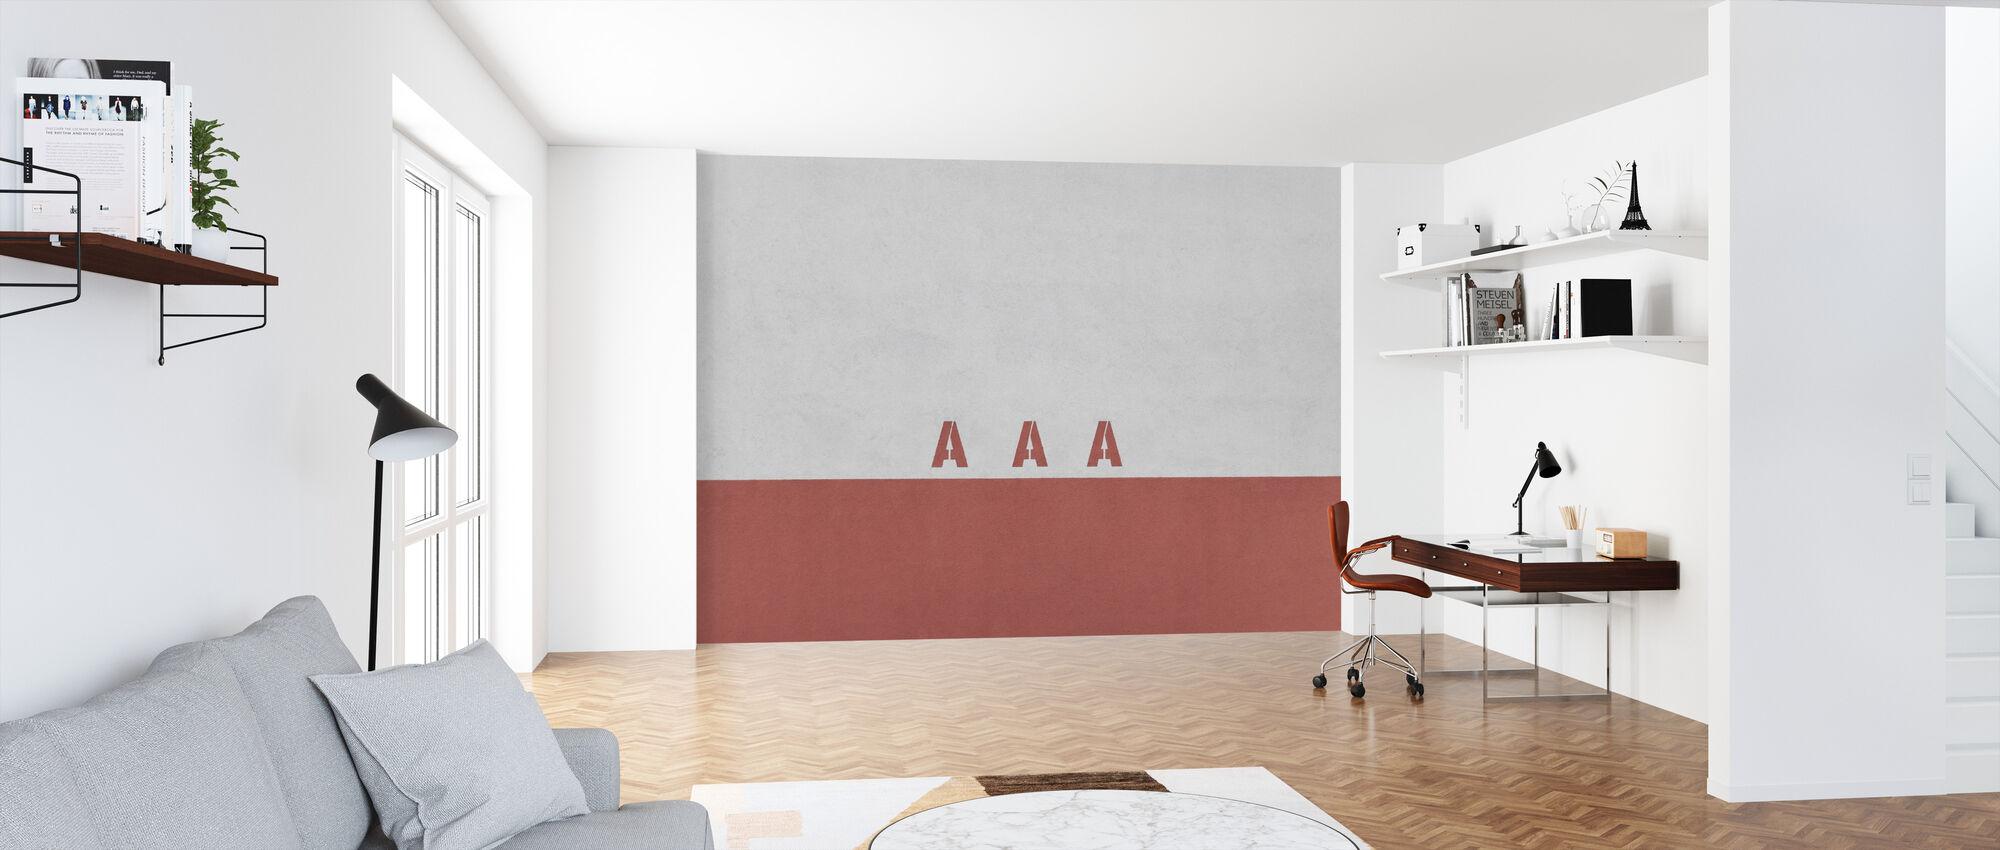 AAA væg - Tapet - Kontor